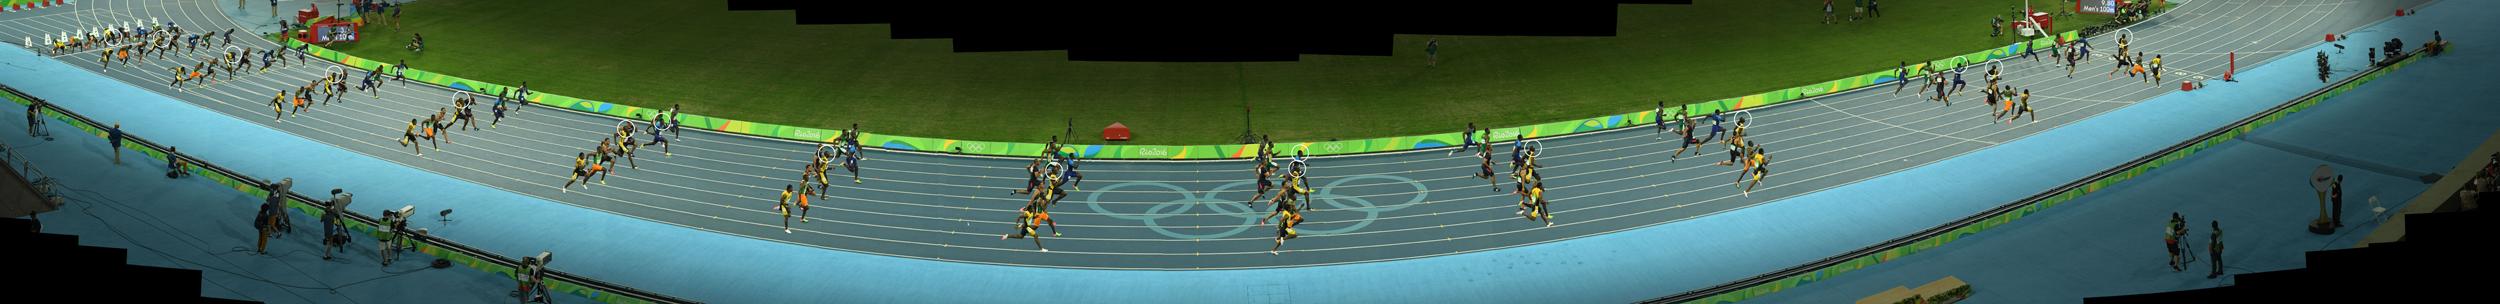 04 bolt-100m-race-a3698x450